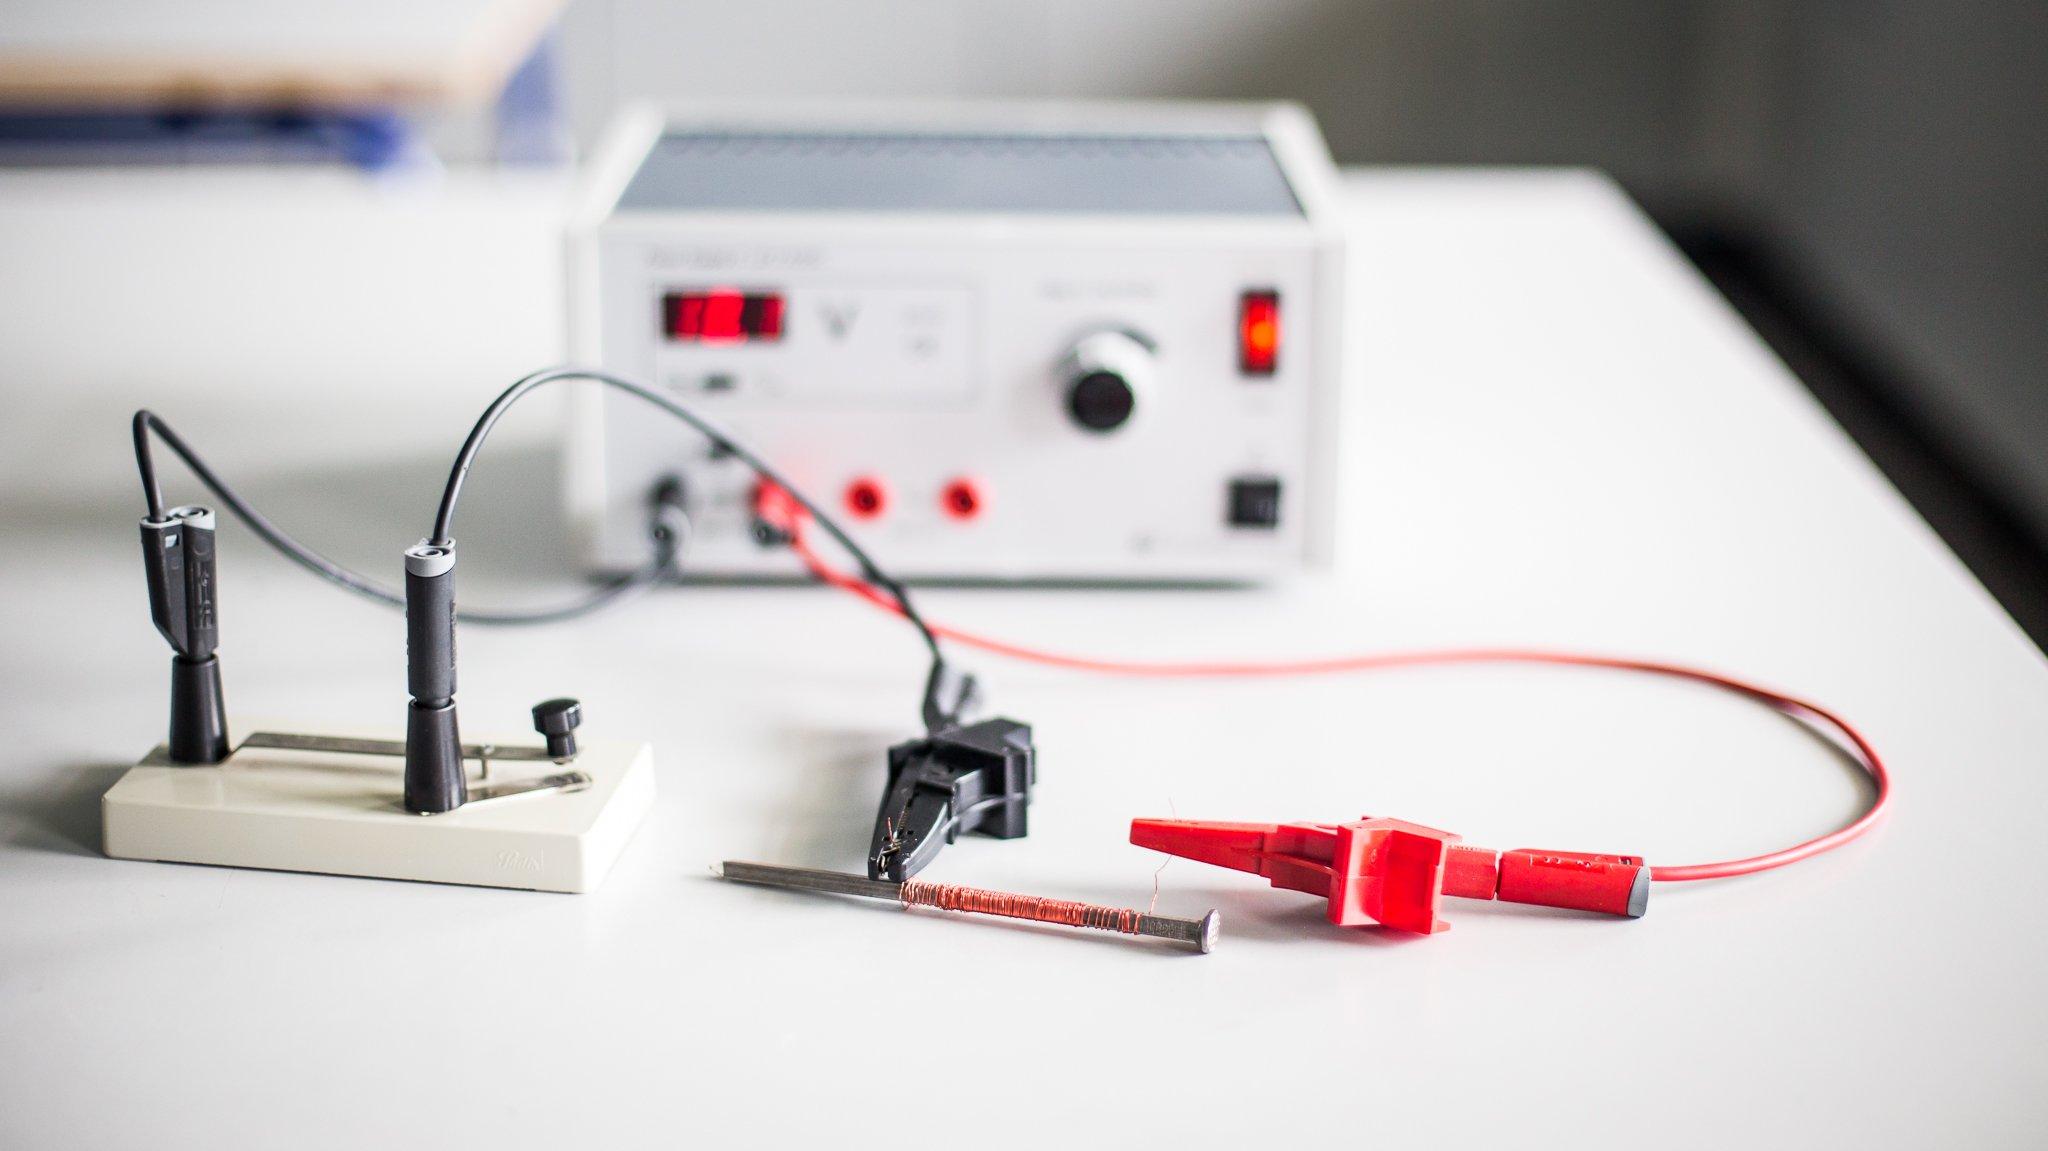 Med et jernsøm, kobbertråd og en strømforsyning kan du lave en magnet.